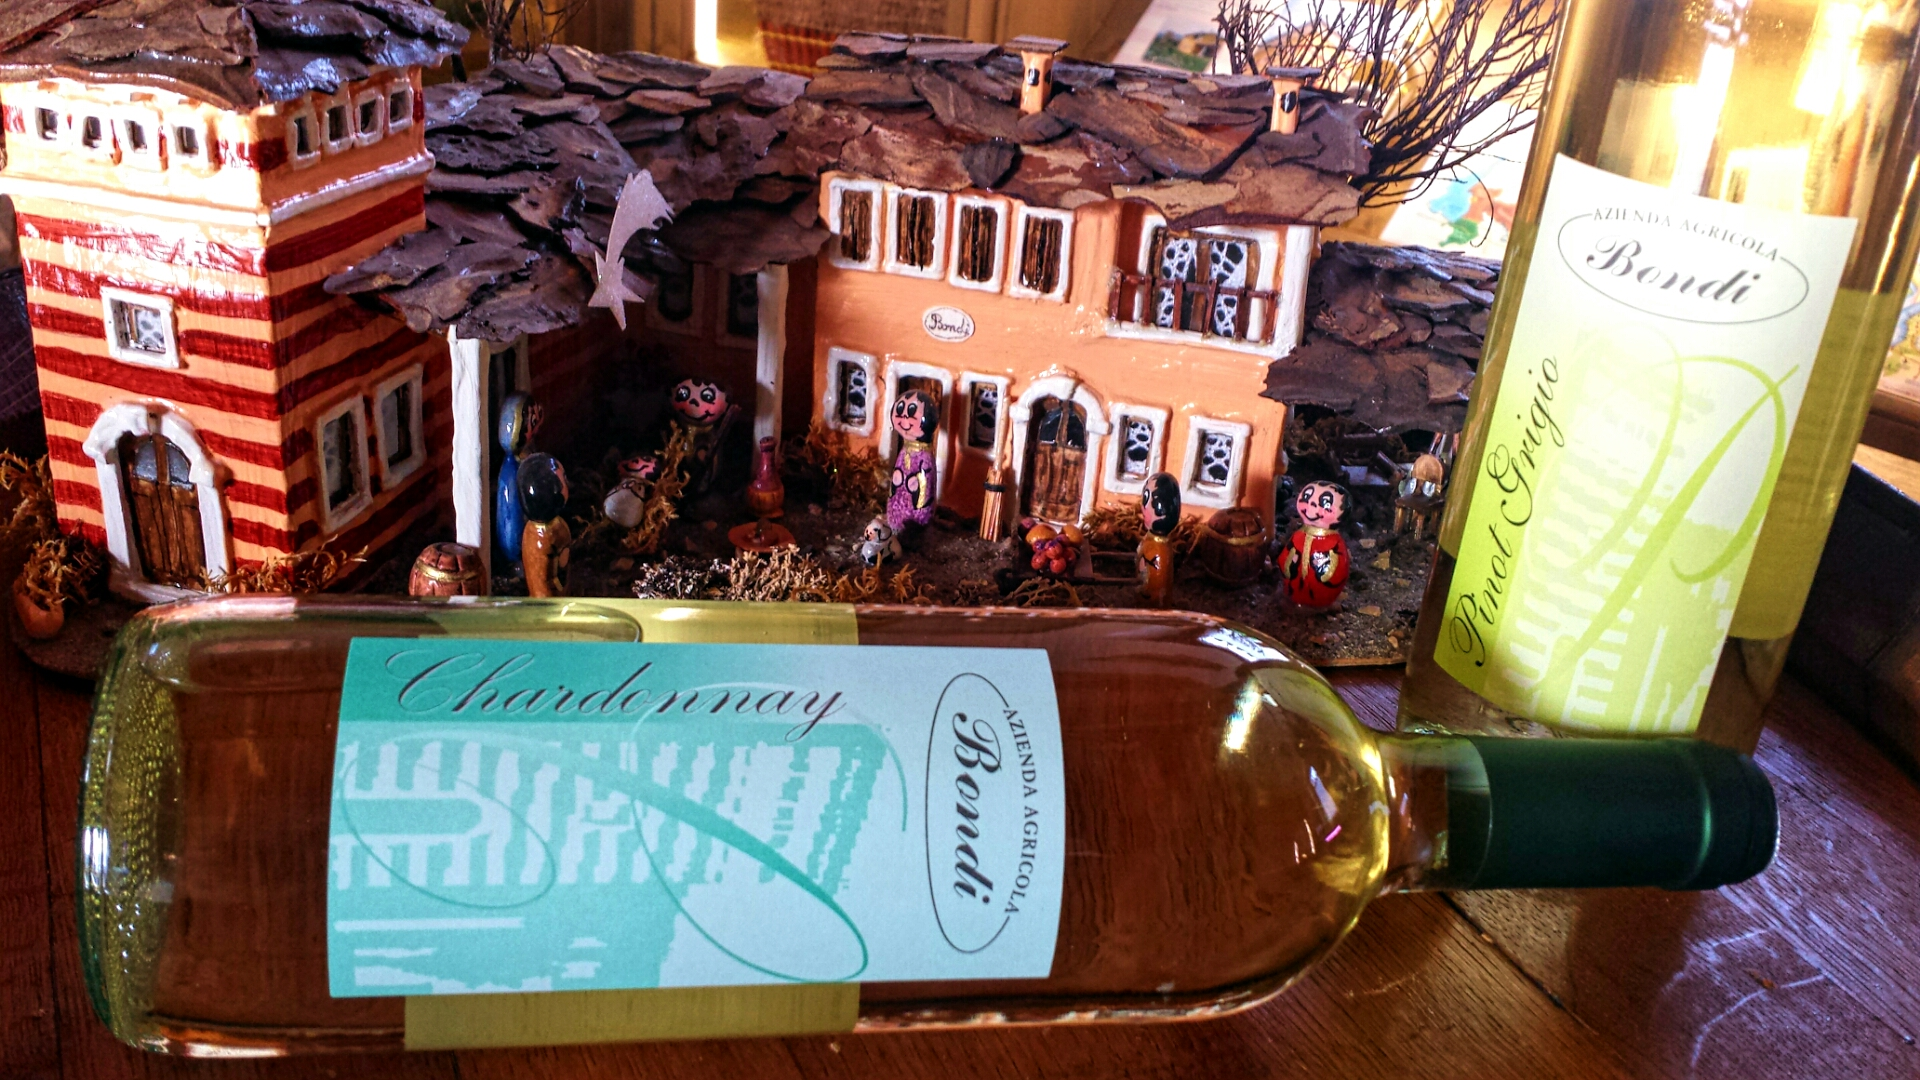 Pinot Grigio & Chardonnay 2015!